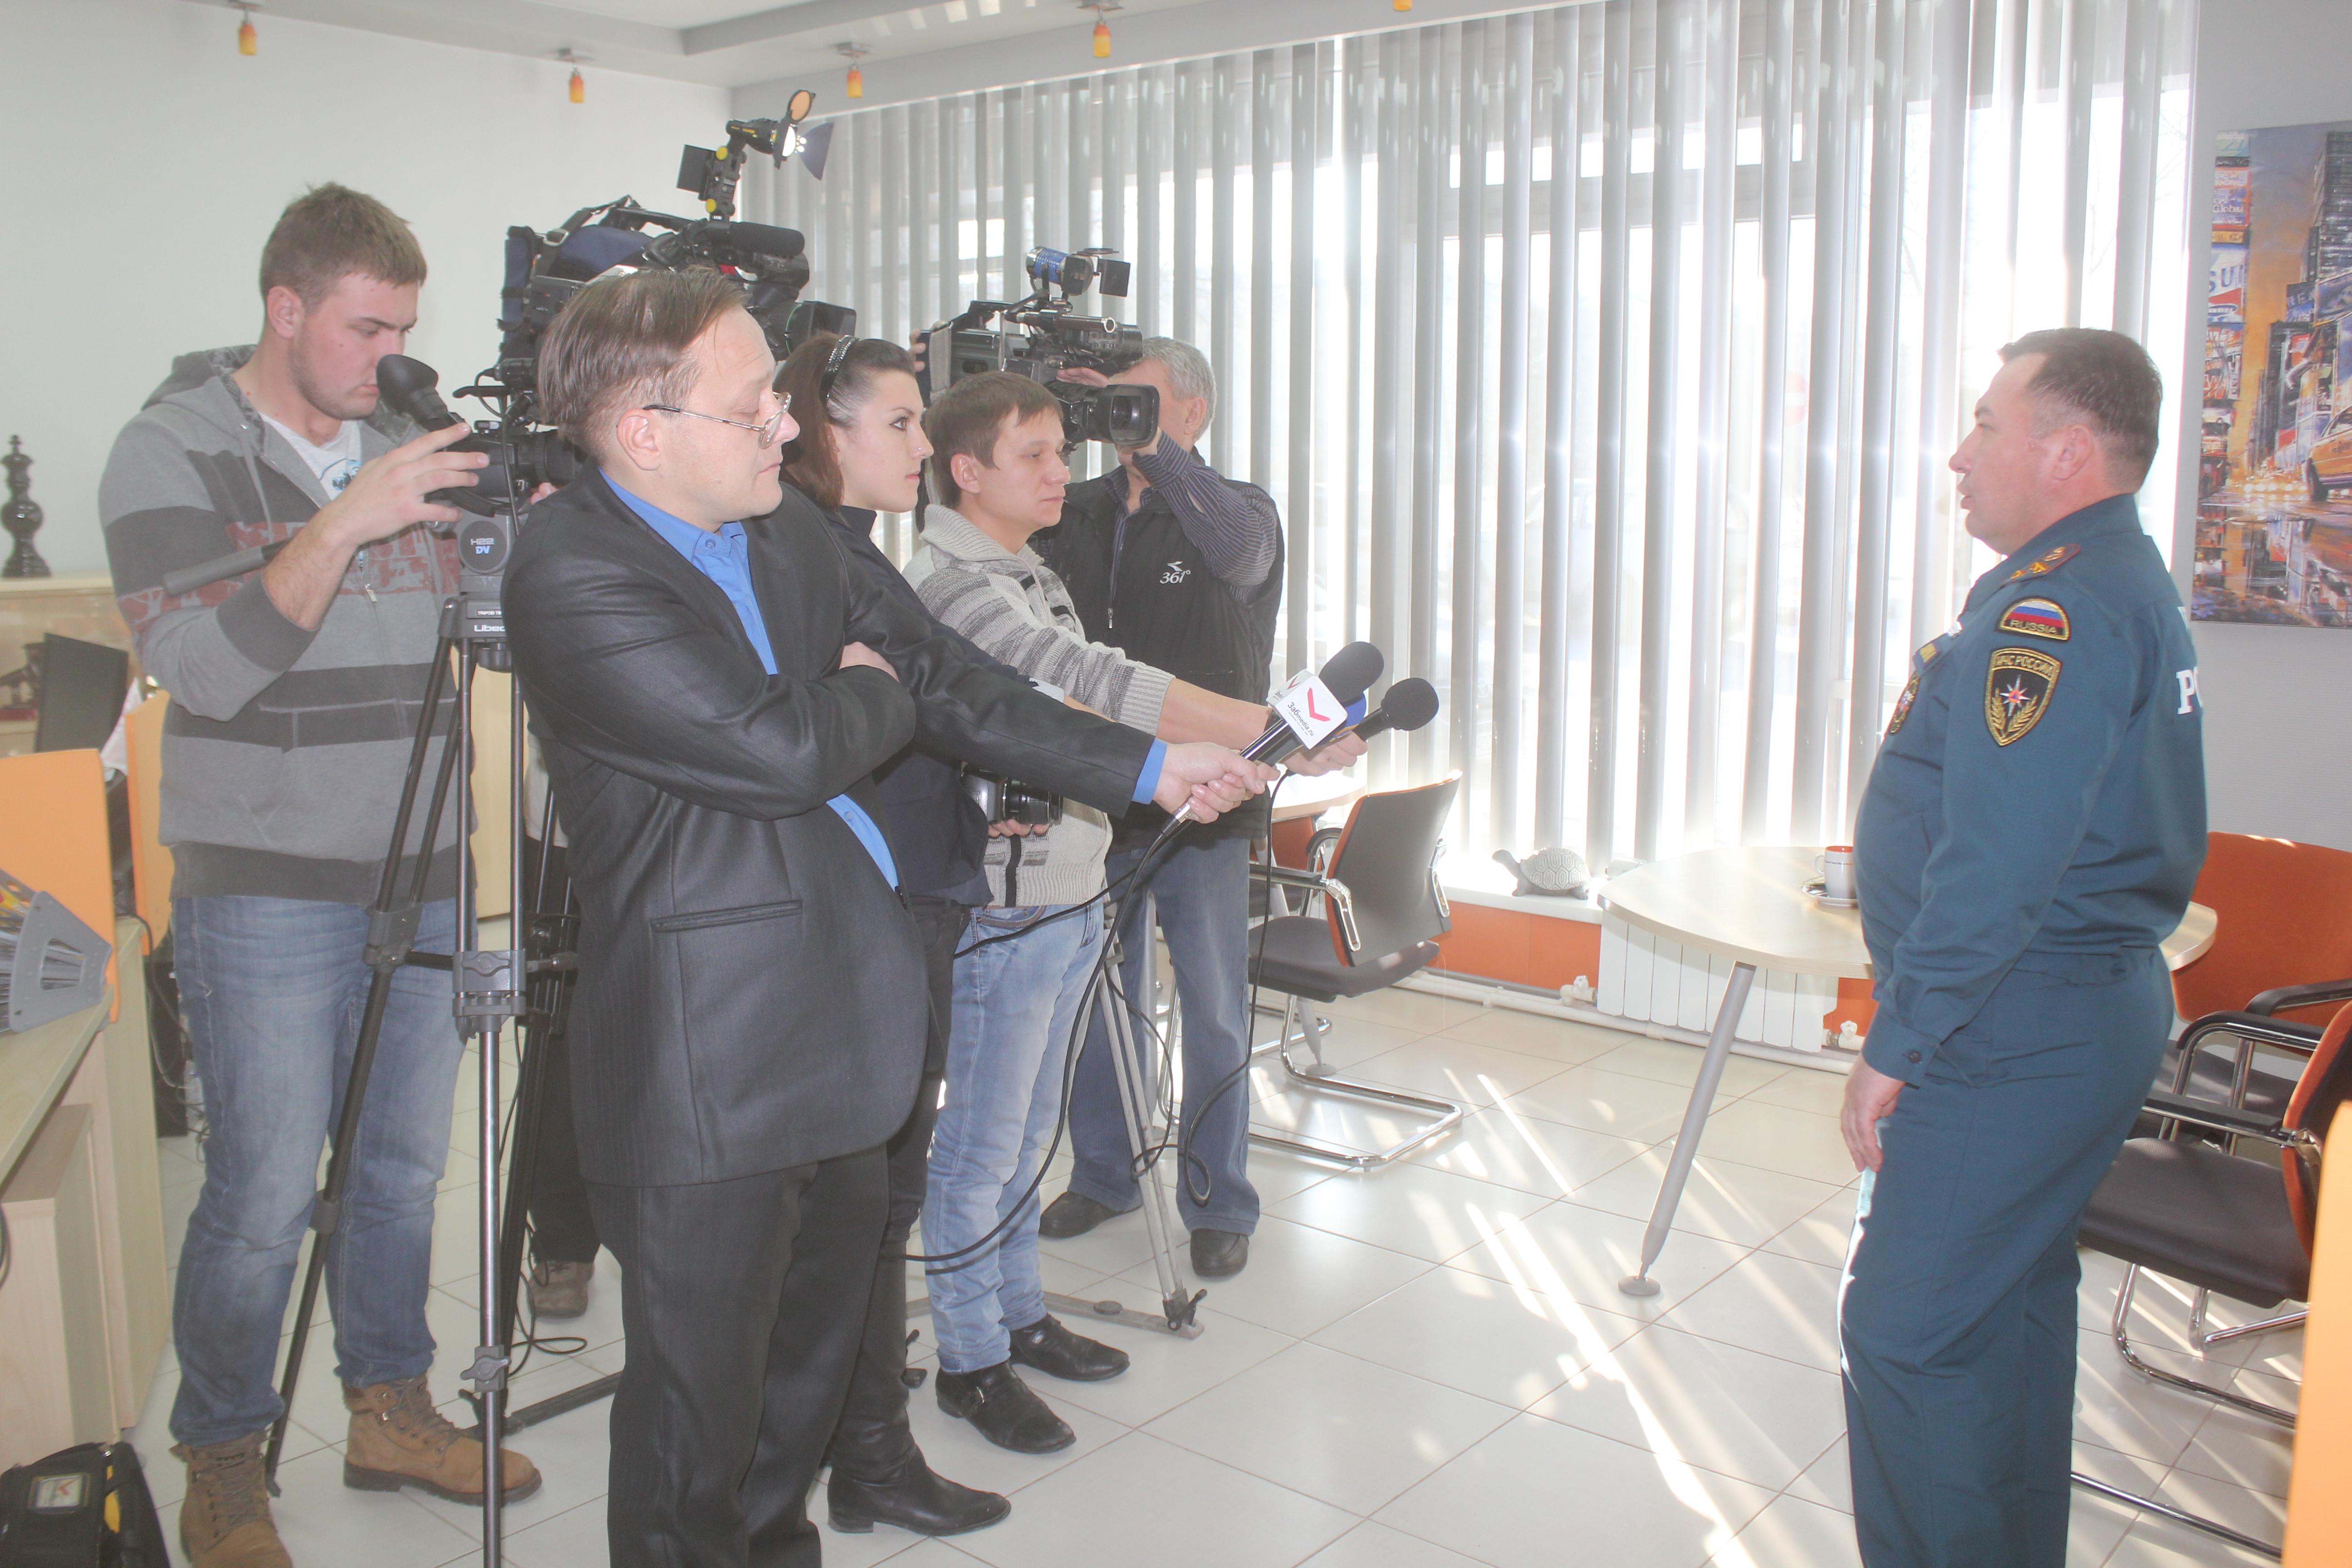 Выступление начальника Главного управления МЧС России по Забайкальскому краю перед представителями СМИ